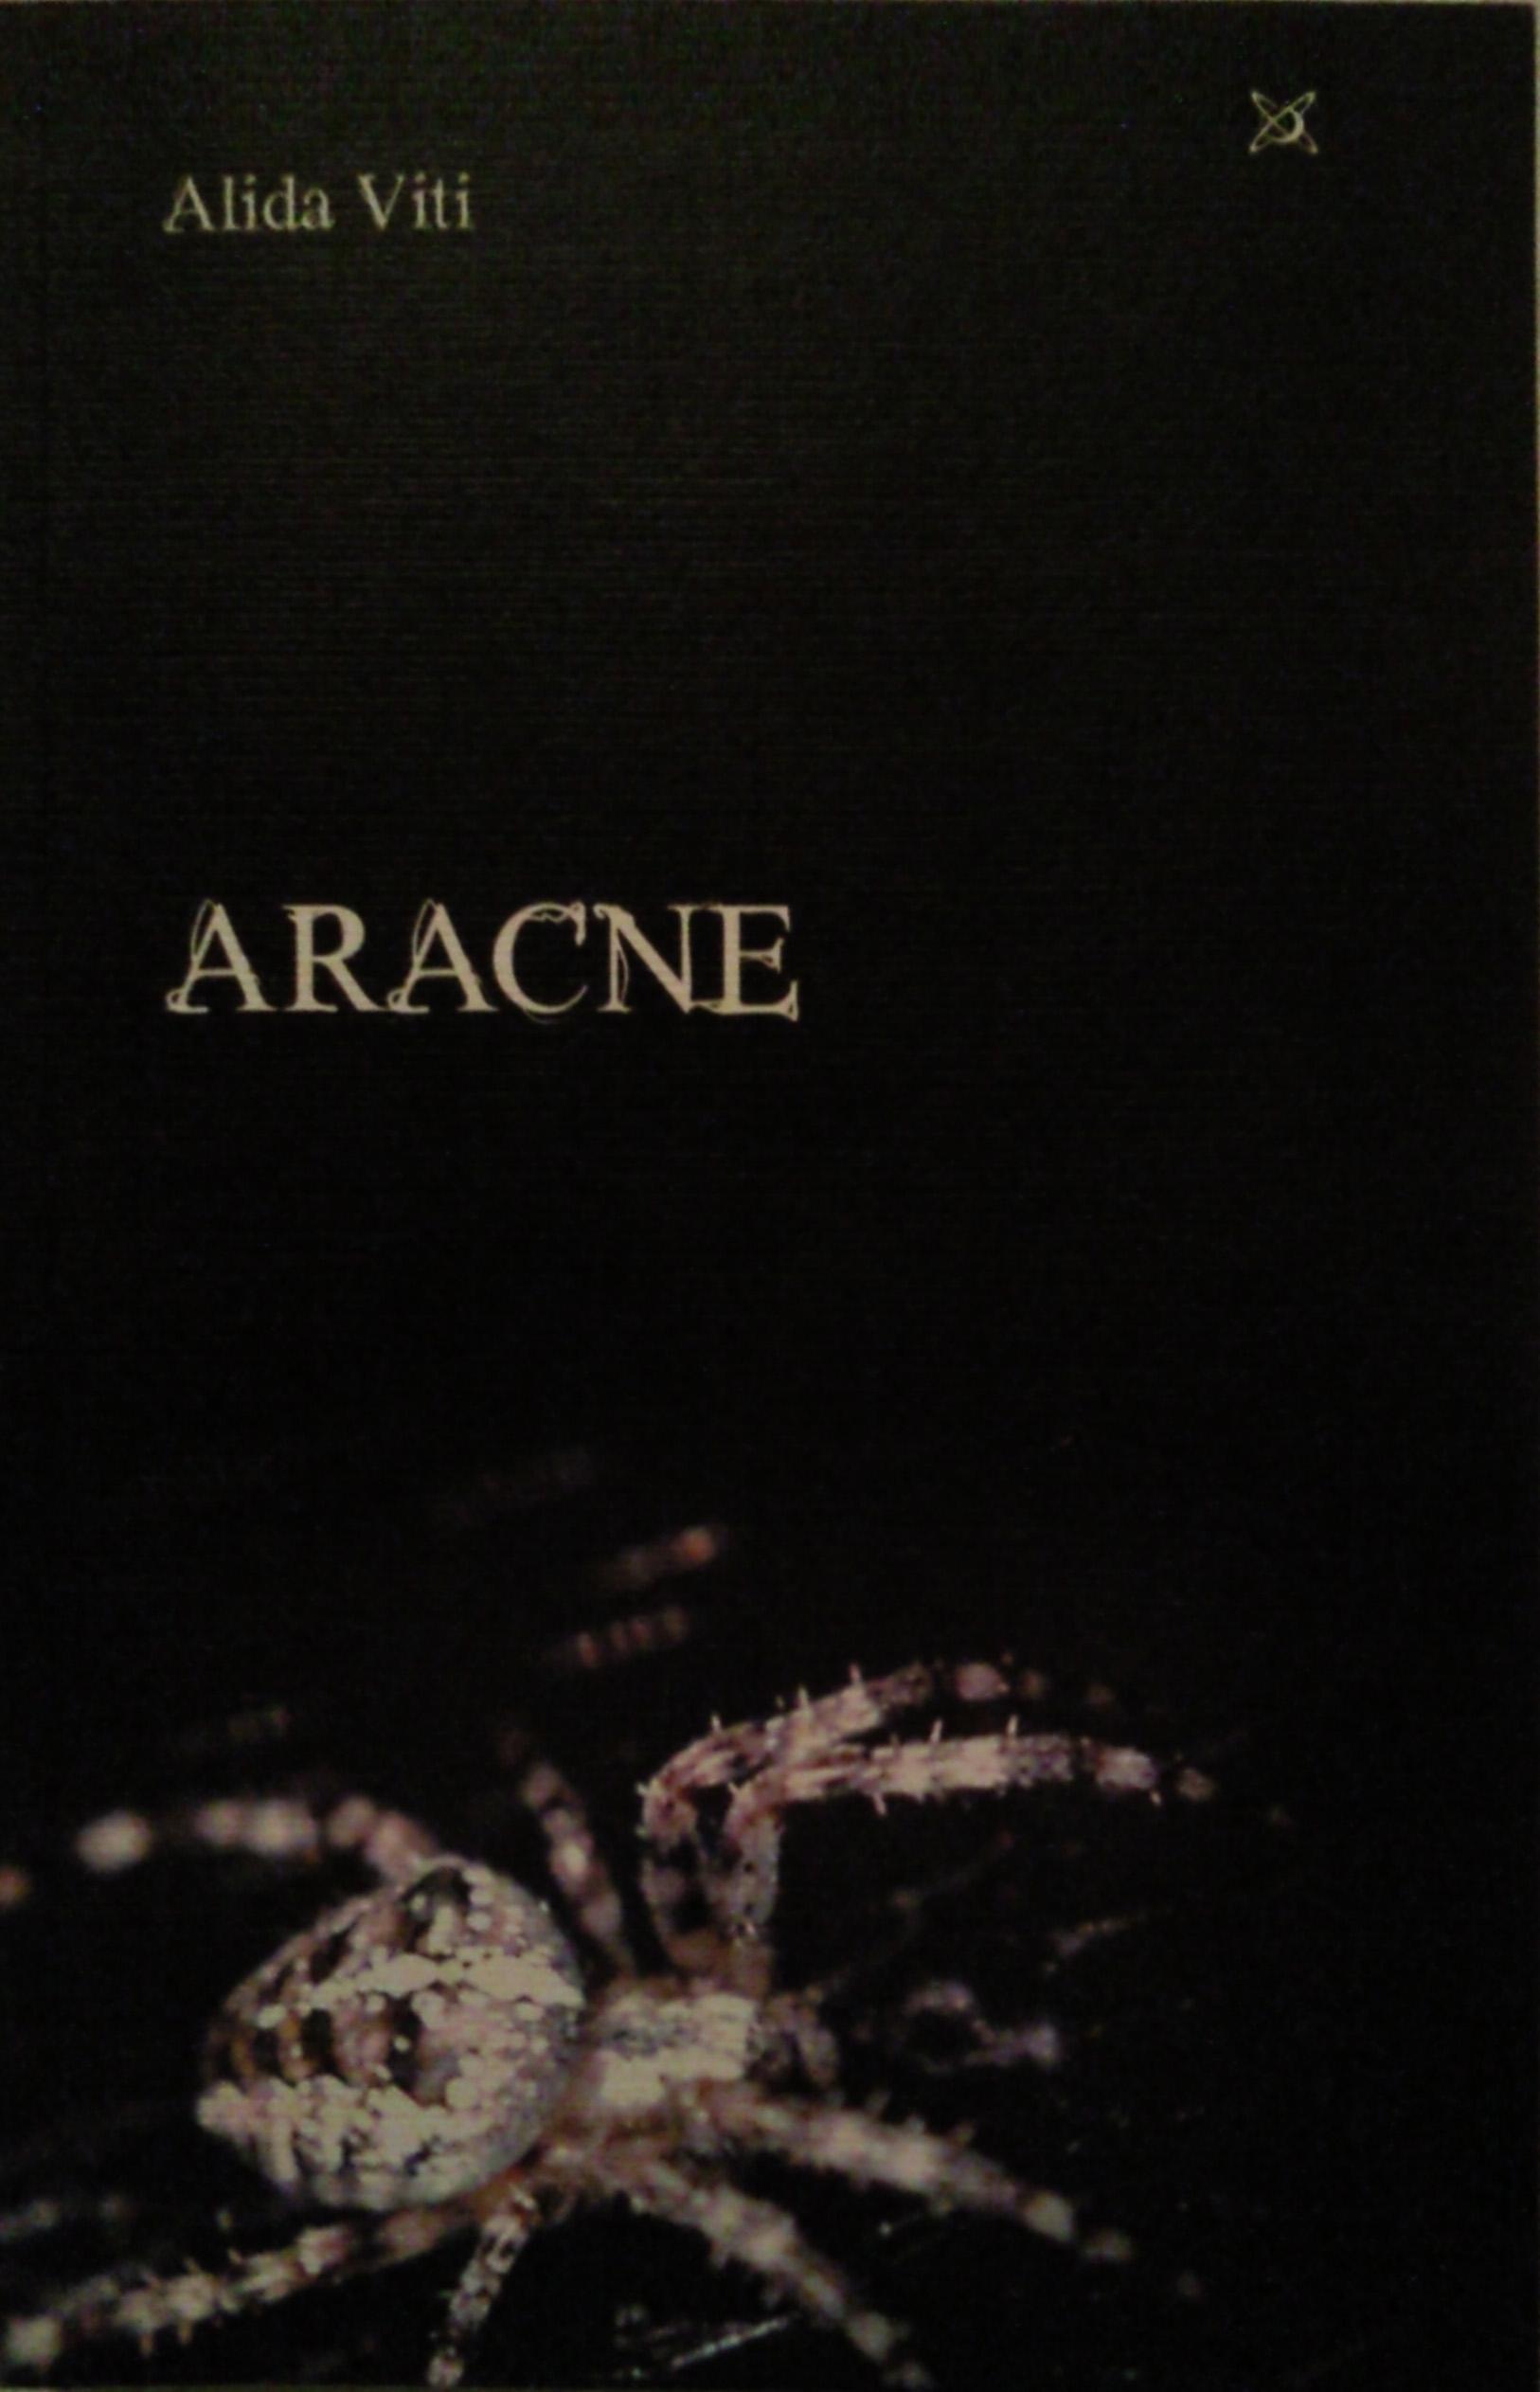 Aracne